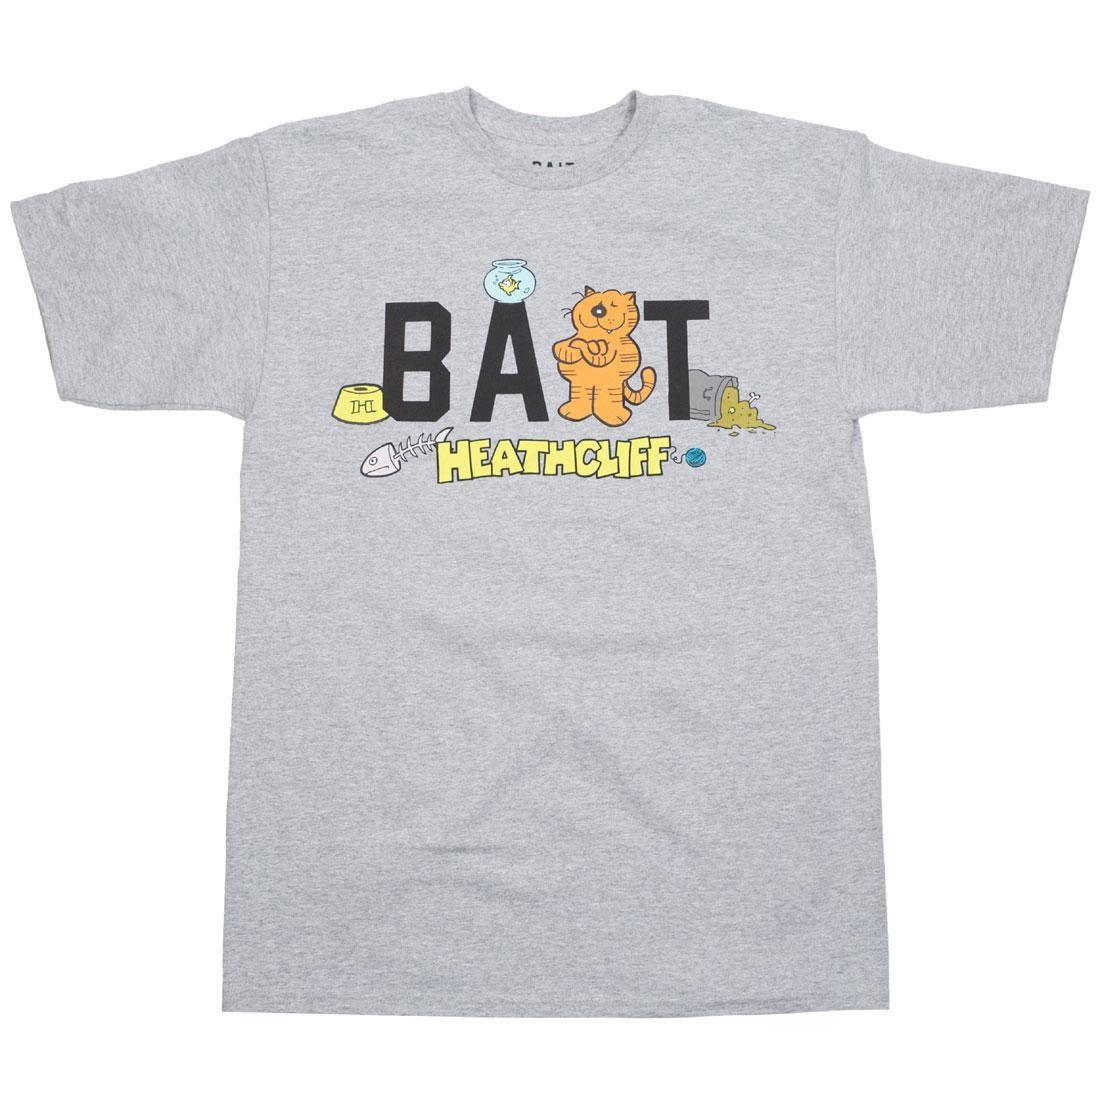 BAIT x Heathcliff Men Logo Tee (gray / heather)